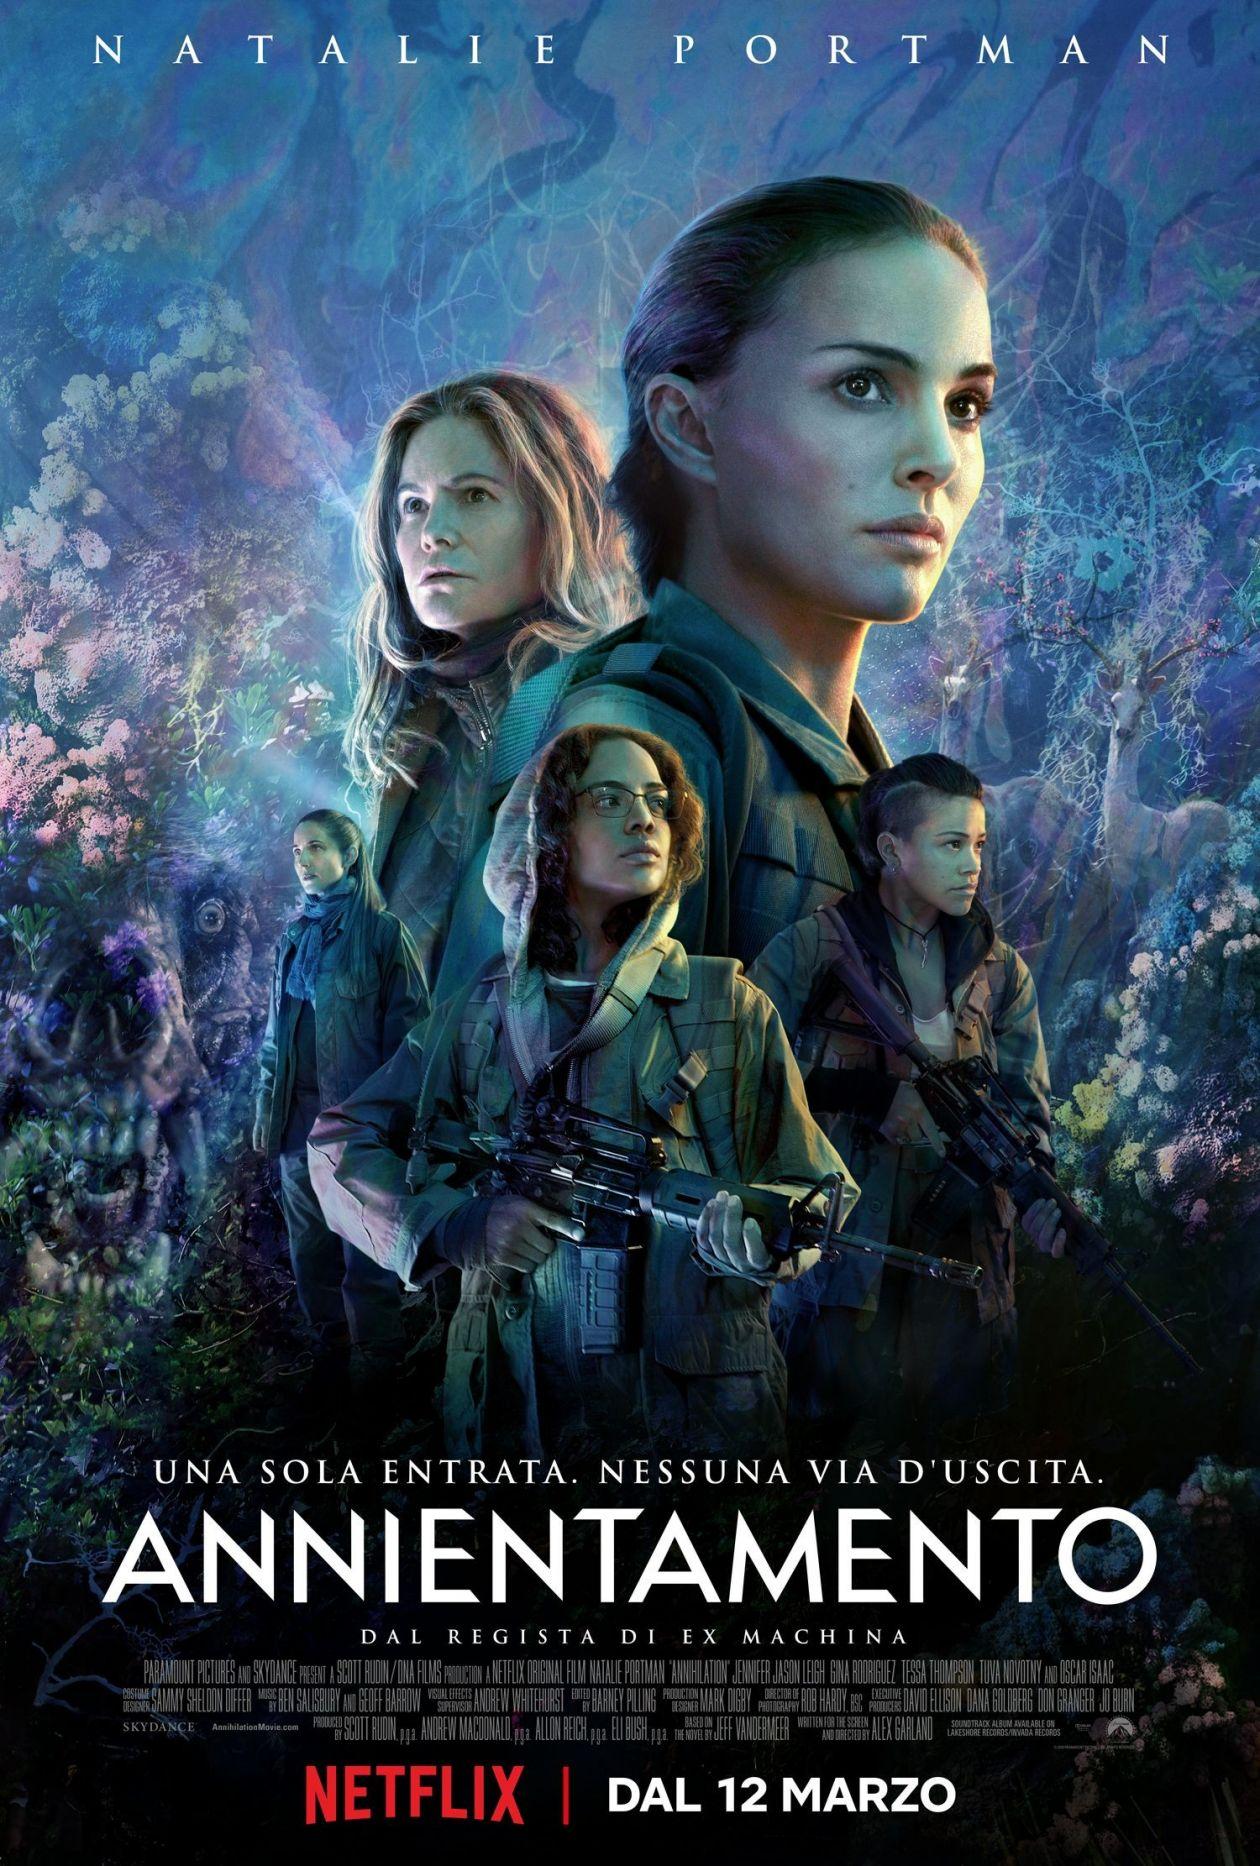 Natalie Portman / Annihilation / Alex Garland 2018 / Movie Poster / Affiche film NETFLIX